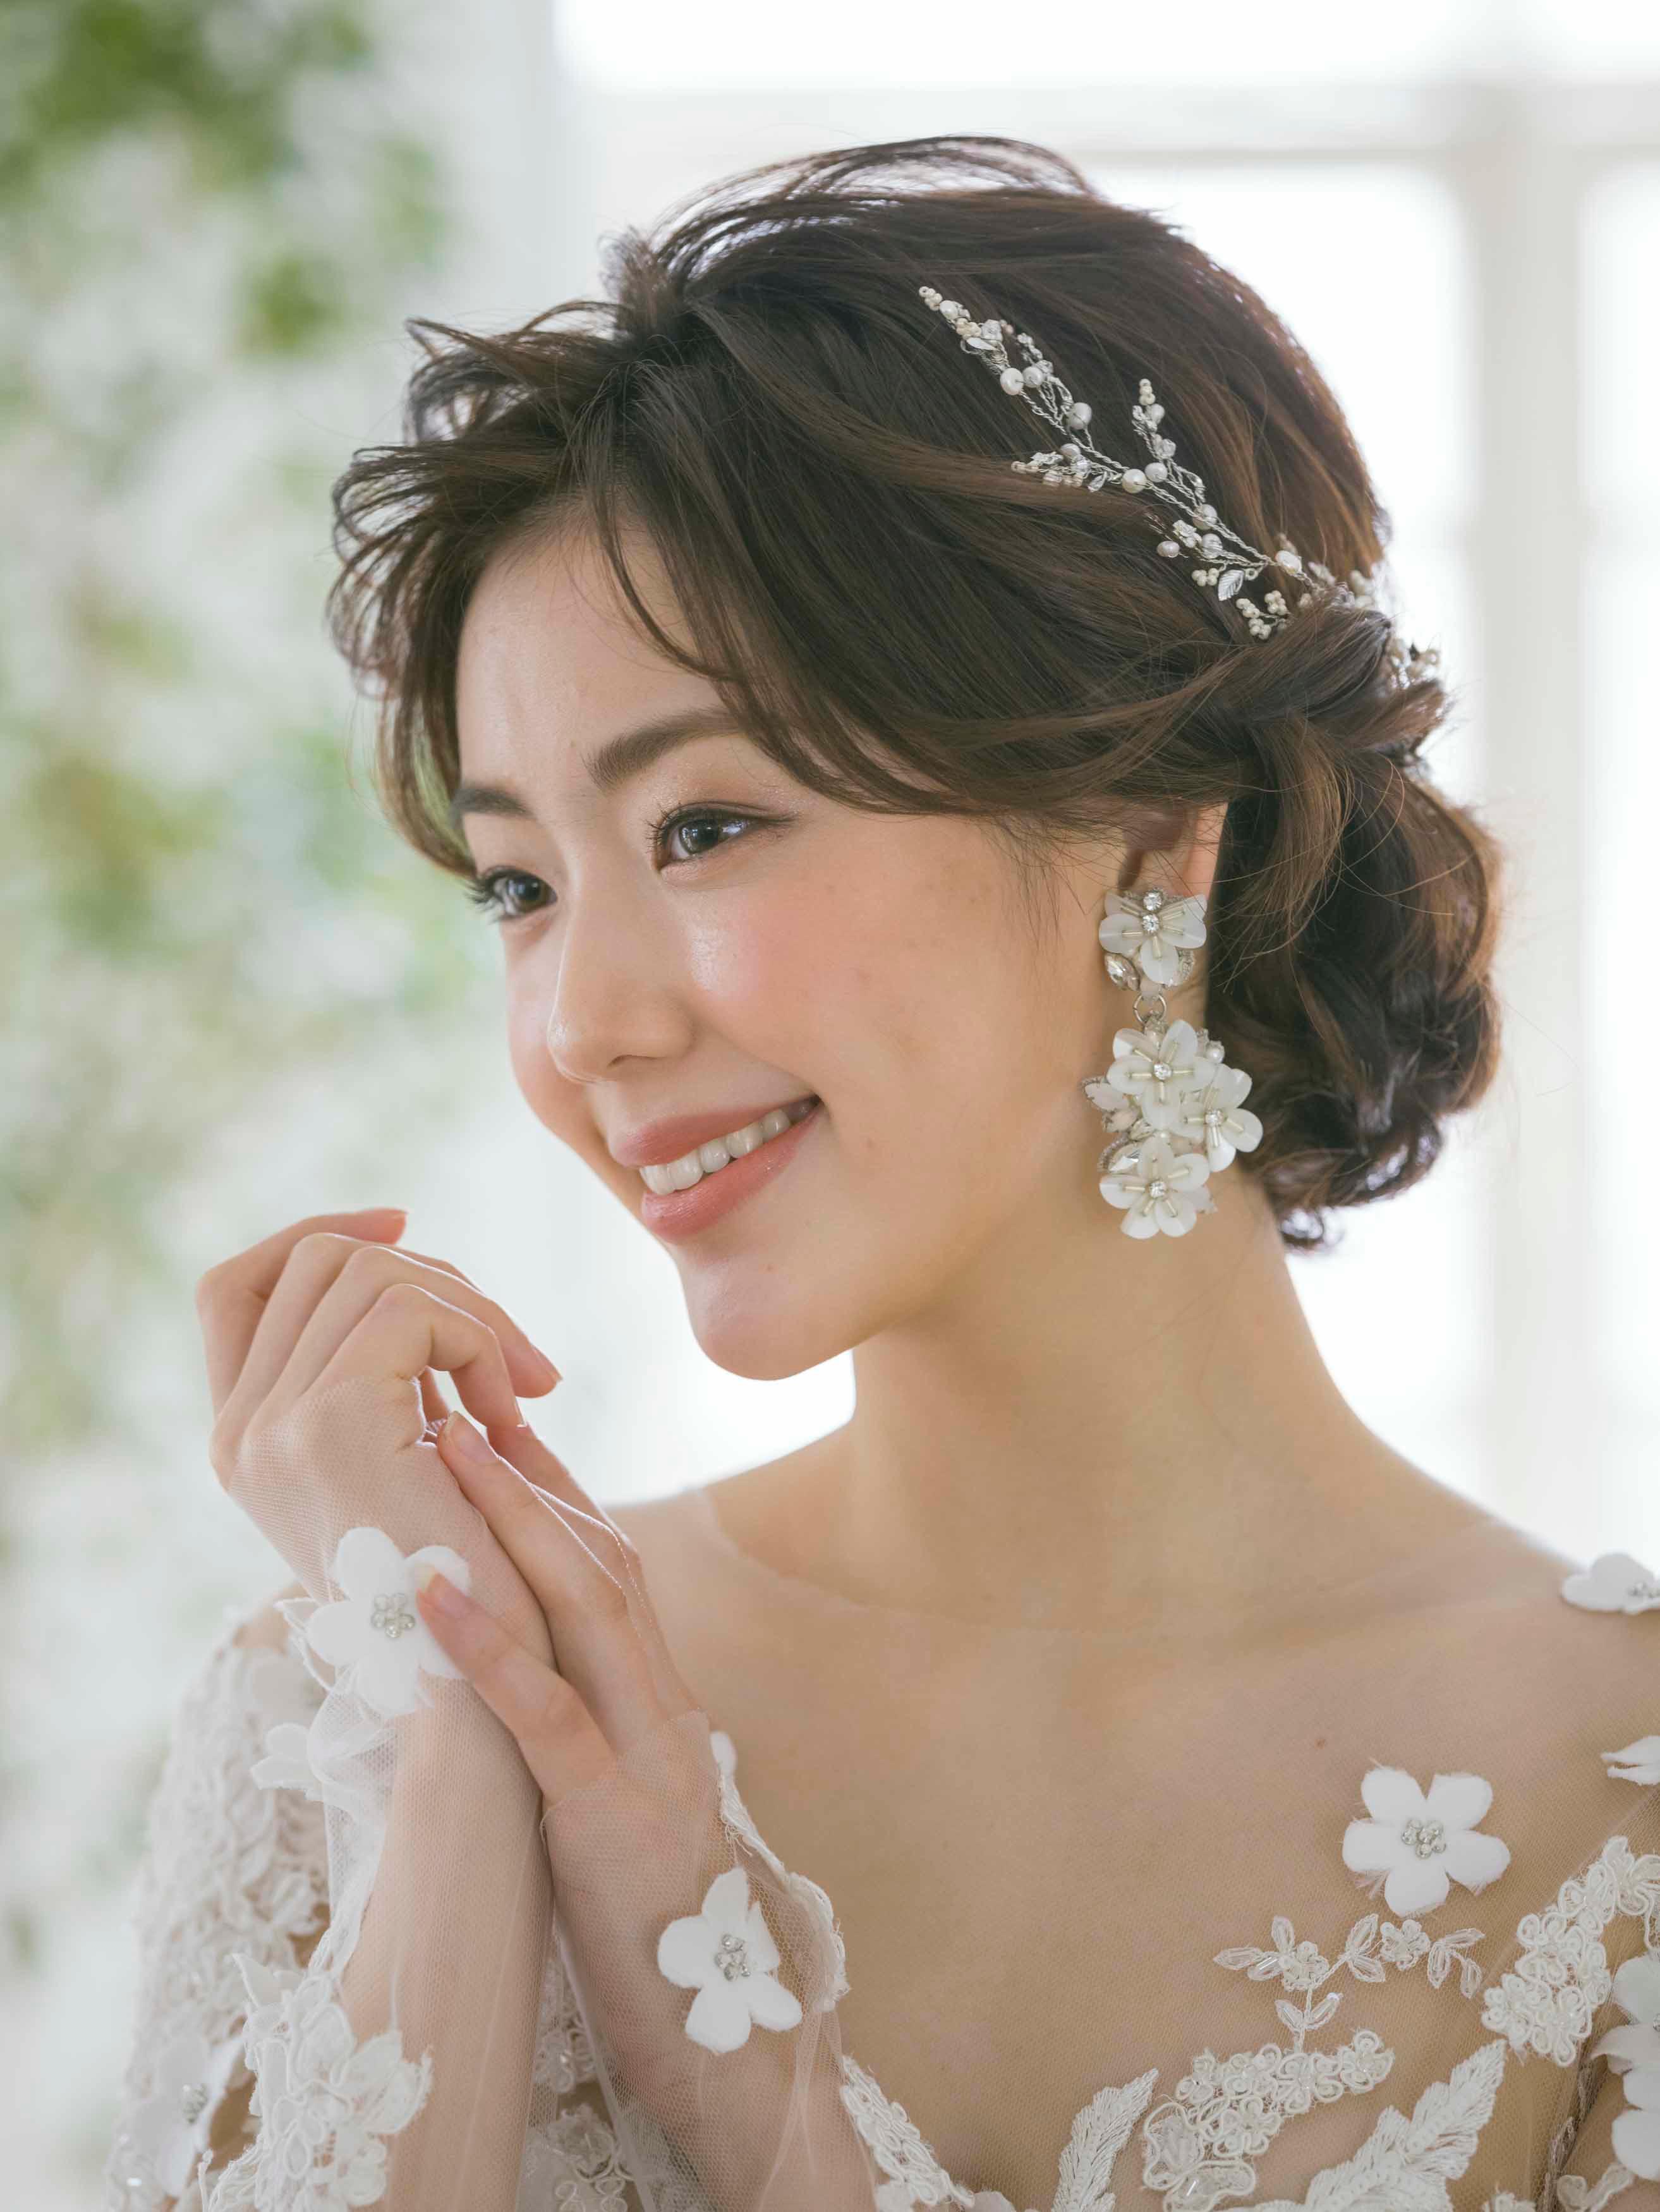 ウエディングドレス 髪型 ローシニヨン